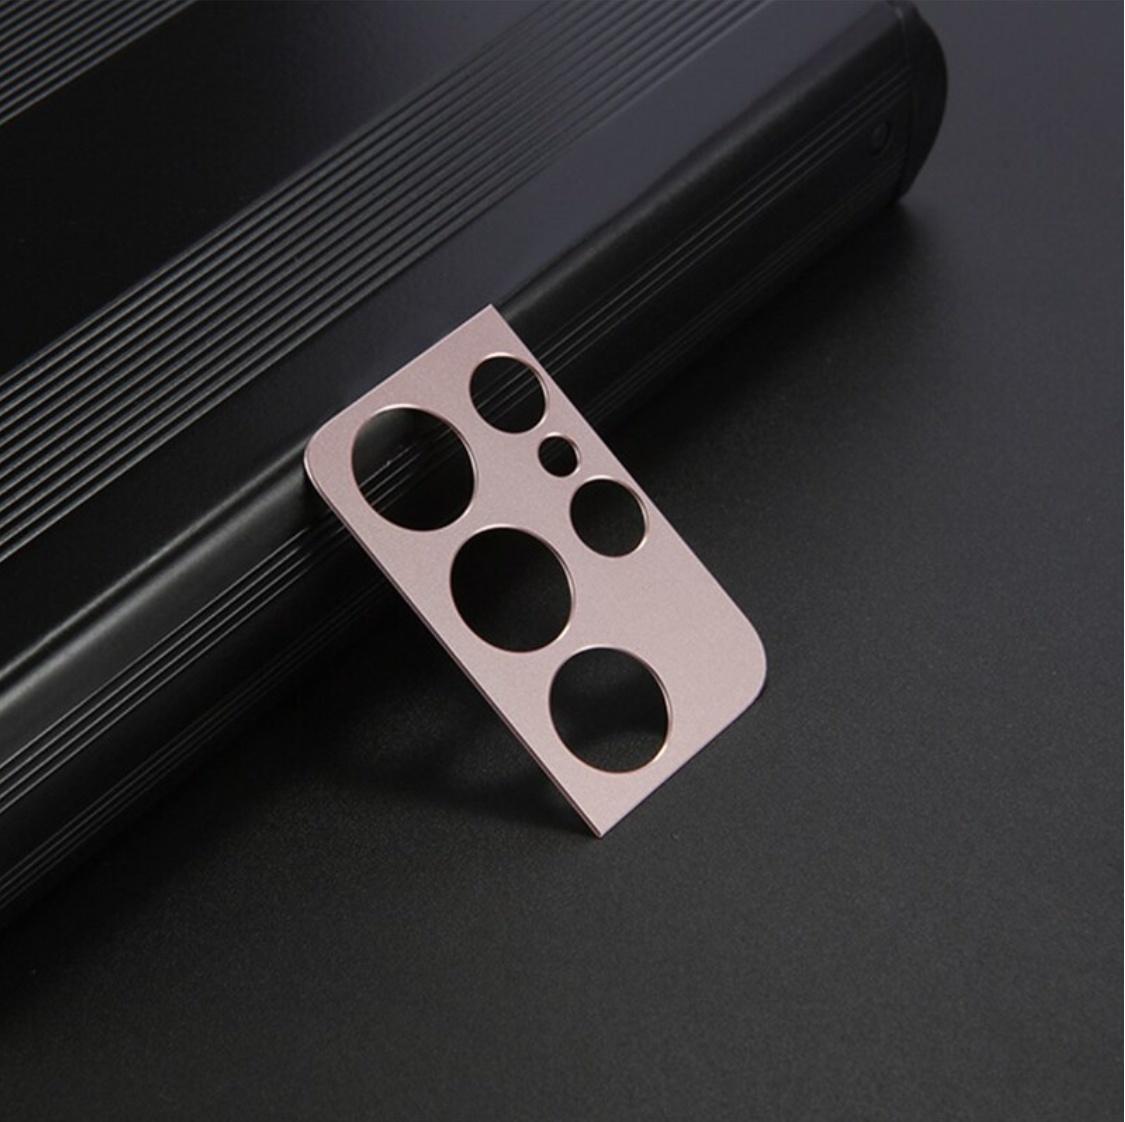 Cache objectif en métal pour appareil photo Samsung Galaxy S21 Ultra - Housse antichoc Or Rose